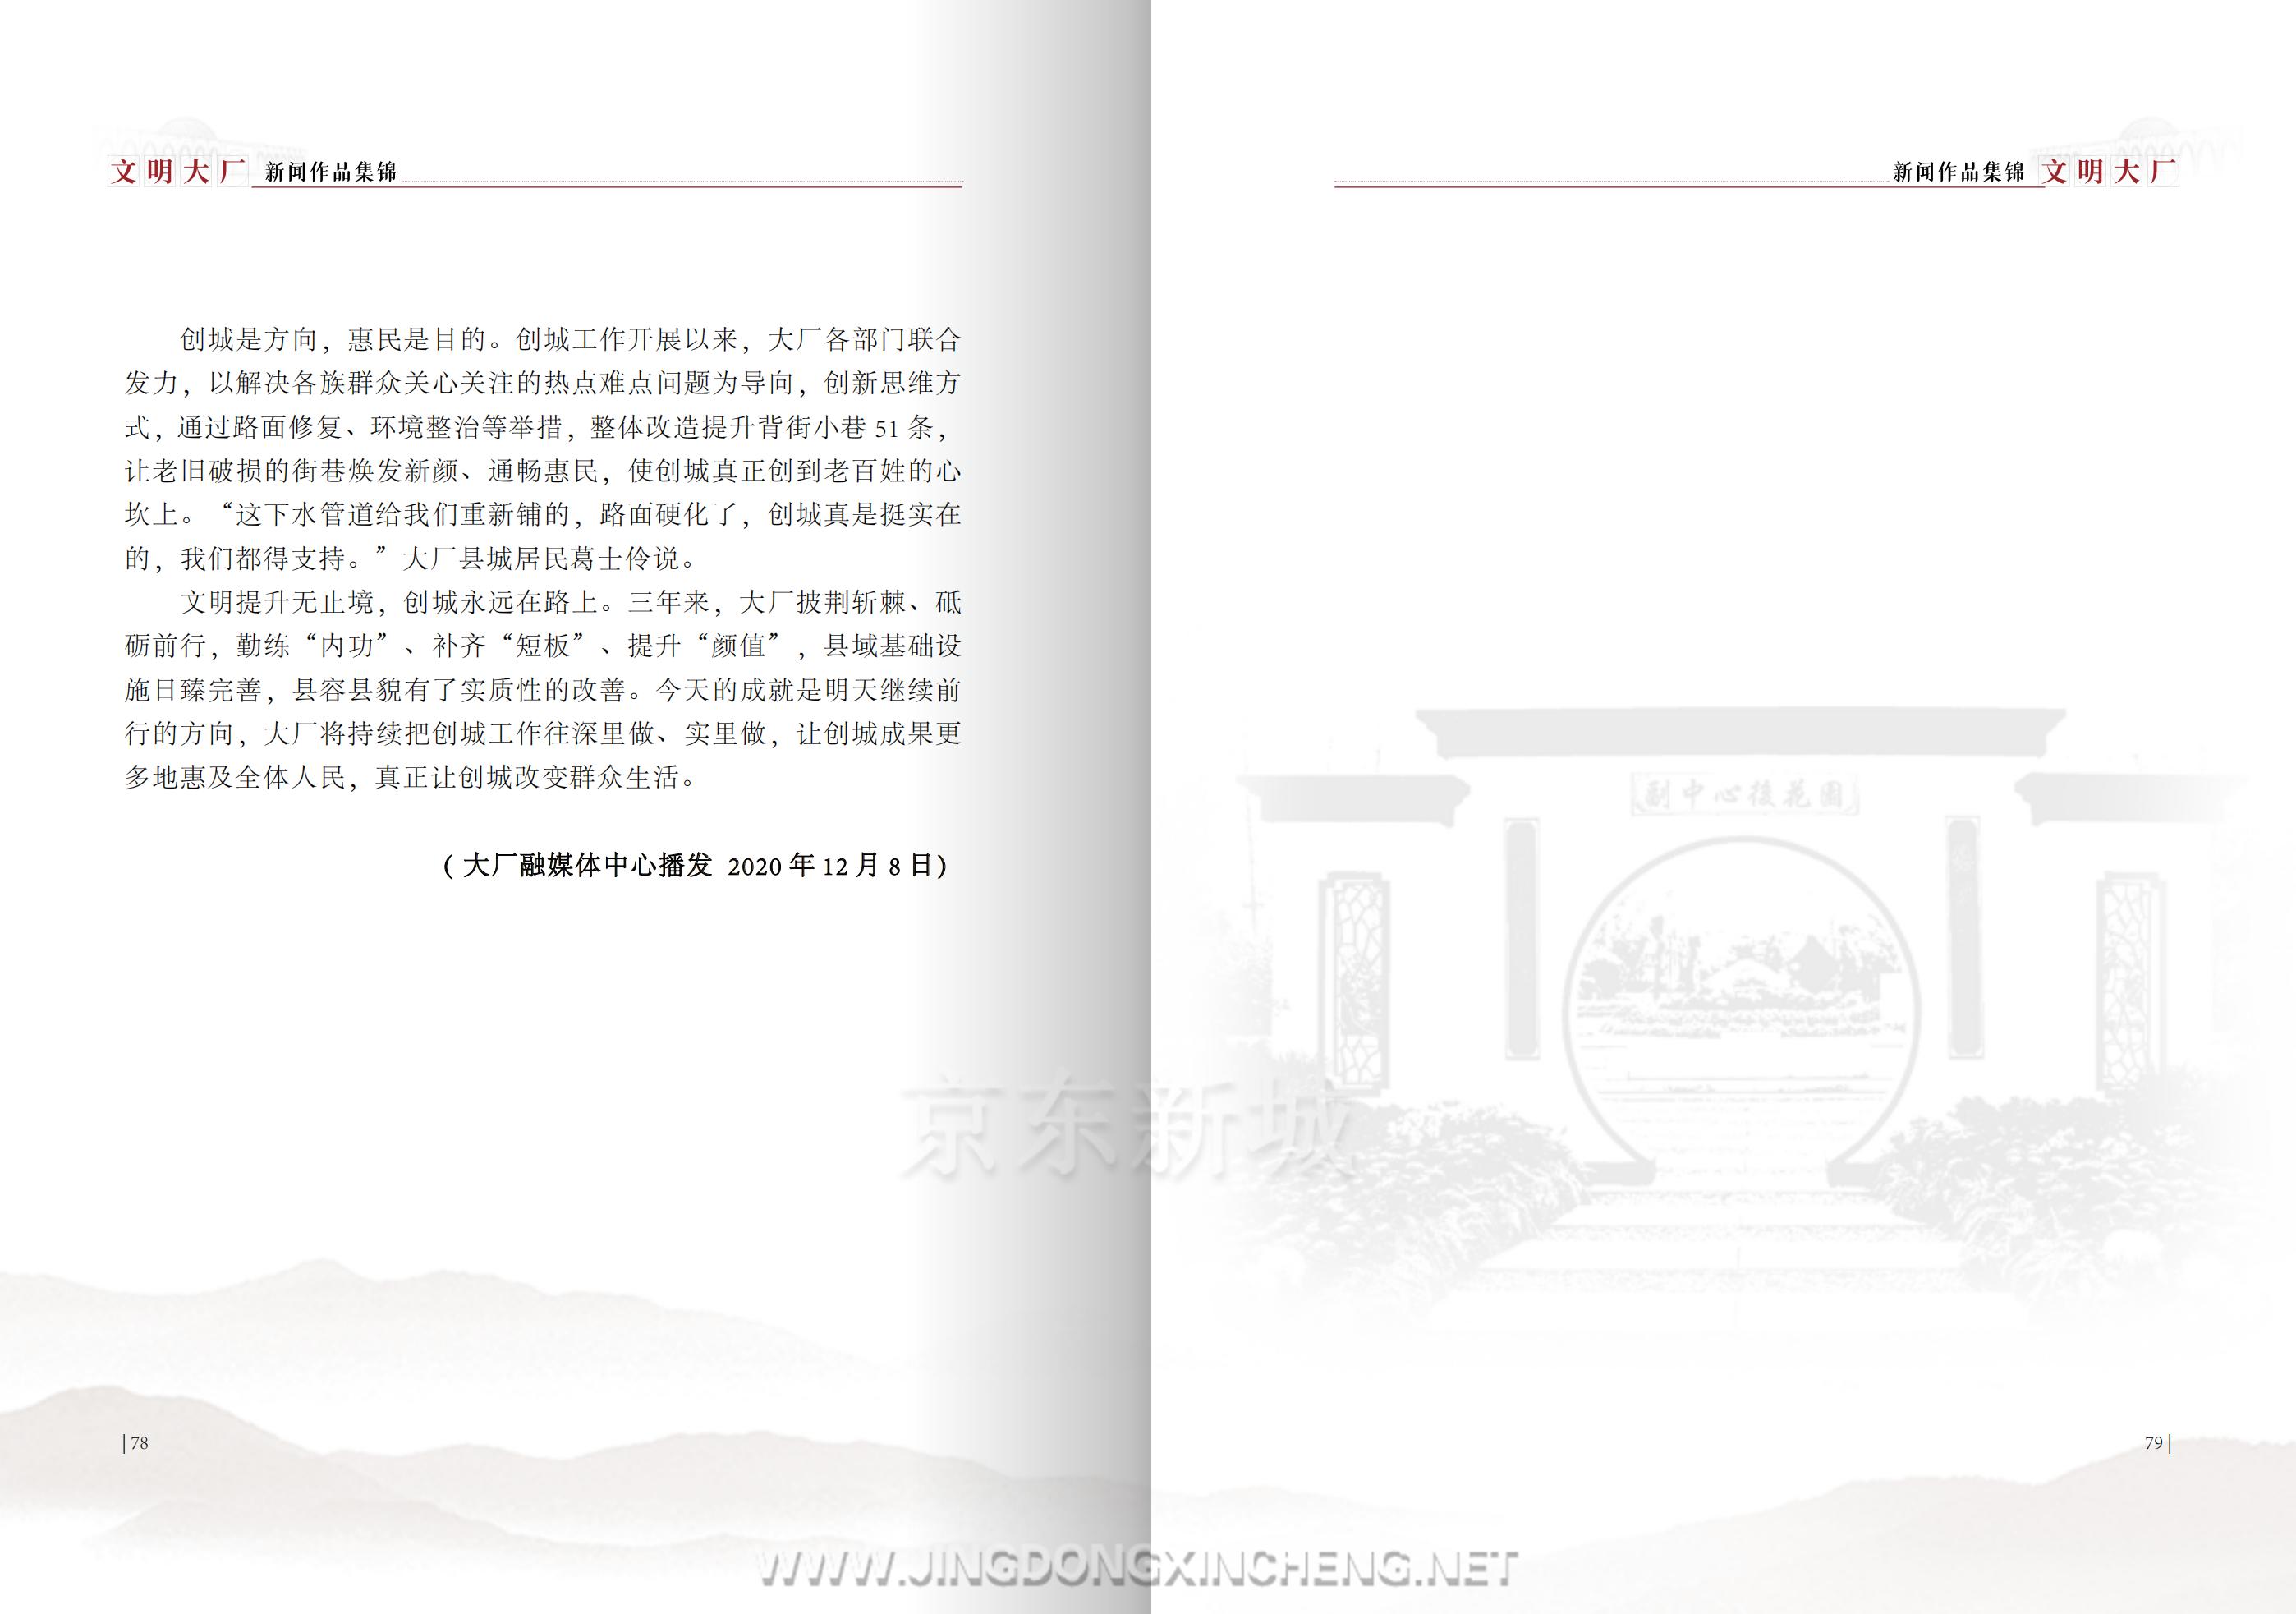 文明大厂书籍-定稿-上传版_43.png